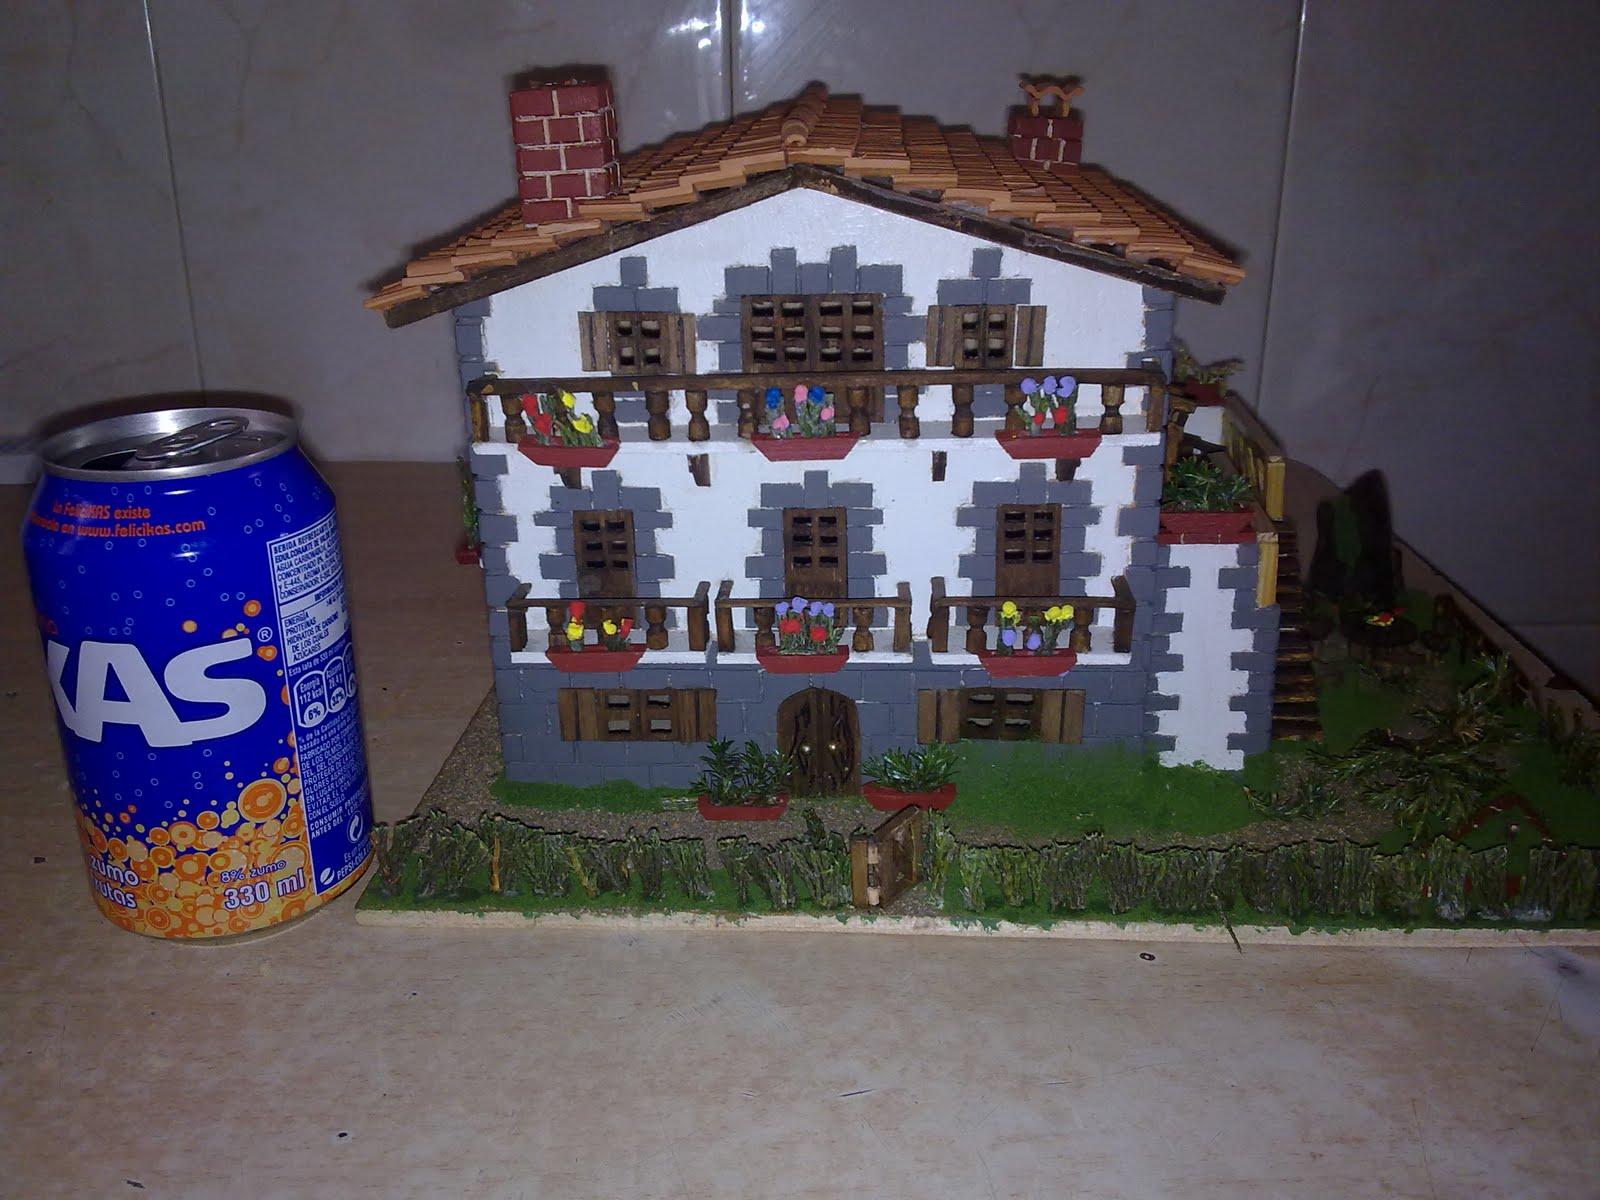 ... Arquitecto, eso sí de casas en miniaturas, Many ponte a temblar